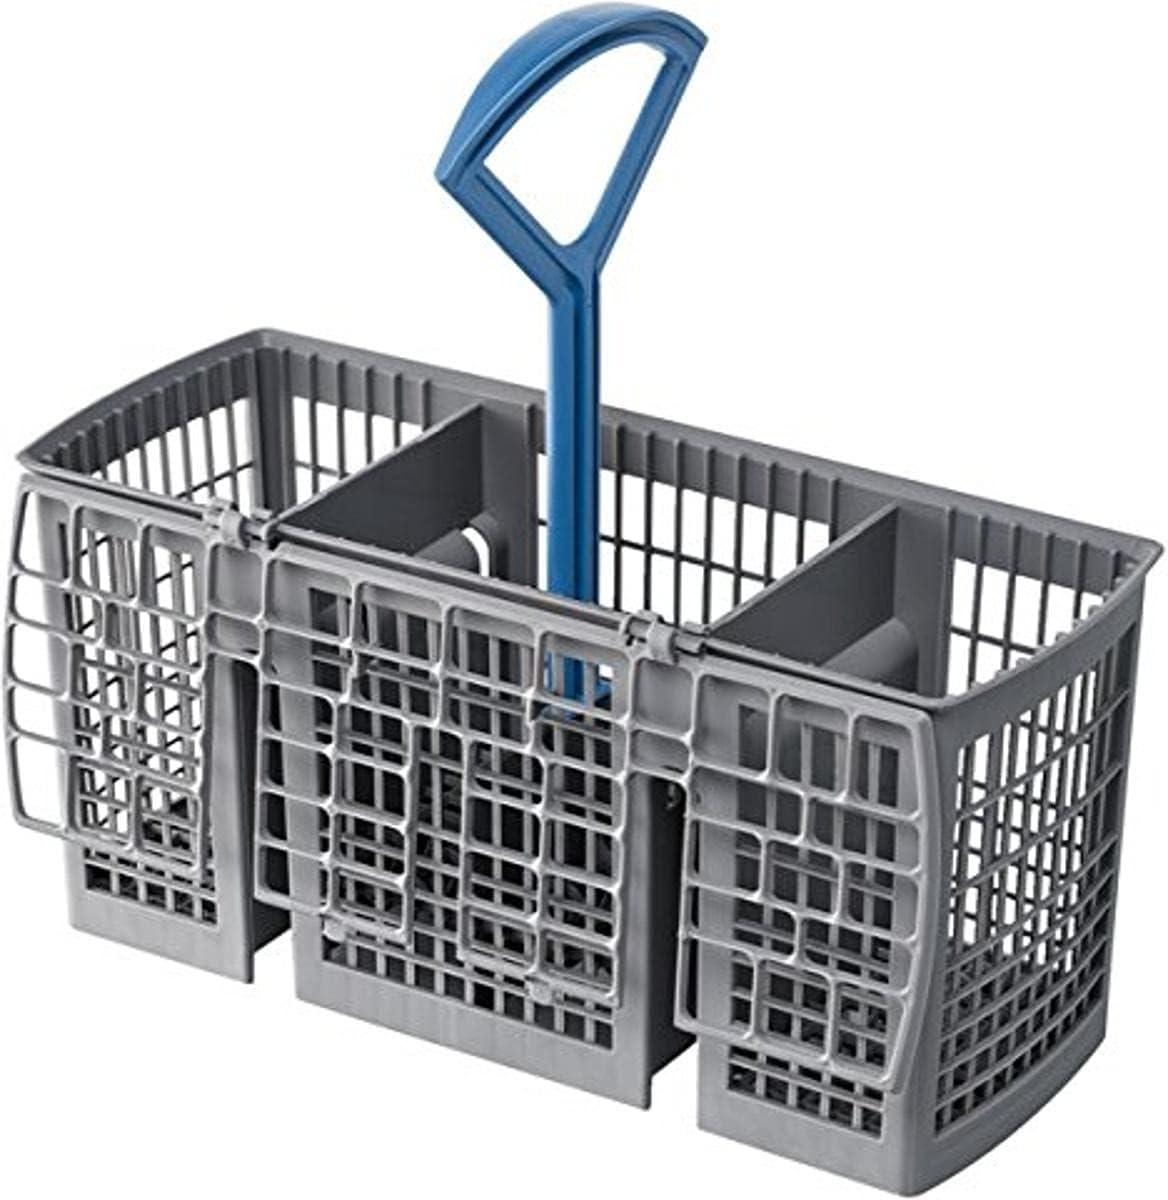 Bosch SPZ5100 pieza y accesorio de lavavajillas - piezas y accesorios de lavavajillas (Cutlery basket, Bosch, Gris)